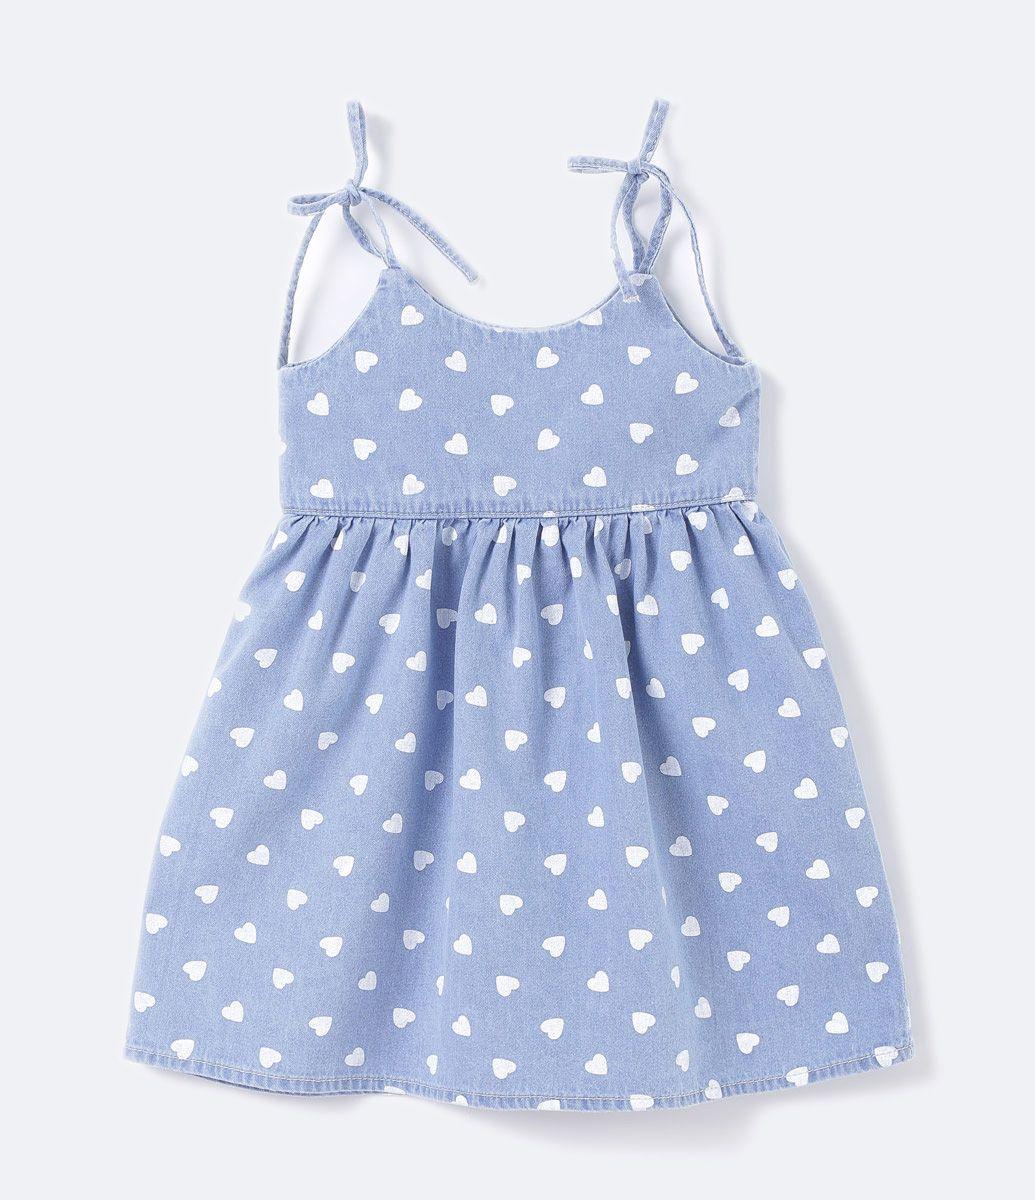 b6285ab376e0ad Vestido Infantil Regata com lacinho Estampa de corações Marca: Póim ...